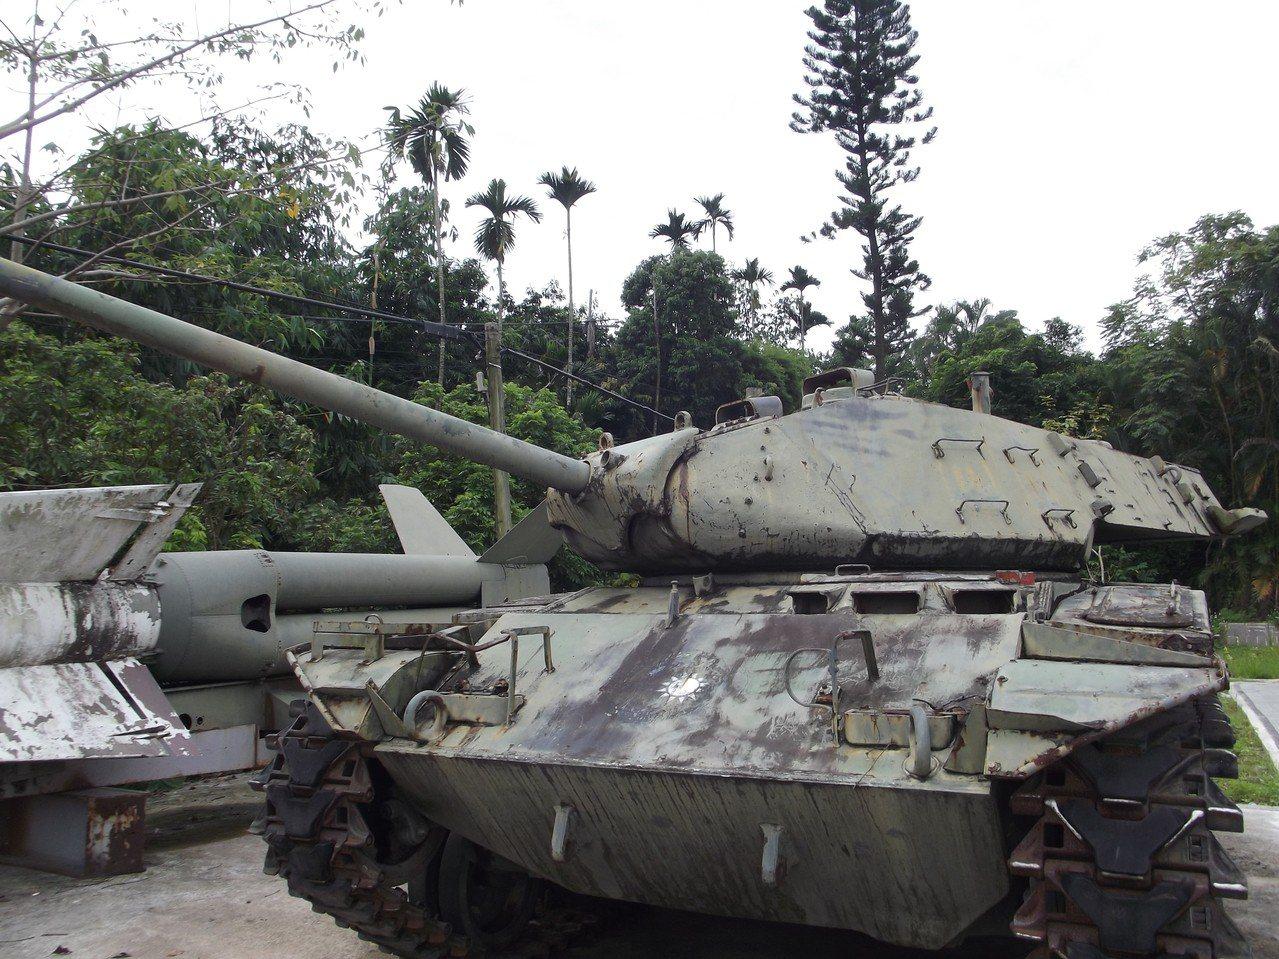 MA41A3戰車也因外觀沒有整理顯得殘破。記者謝恩得/攝影